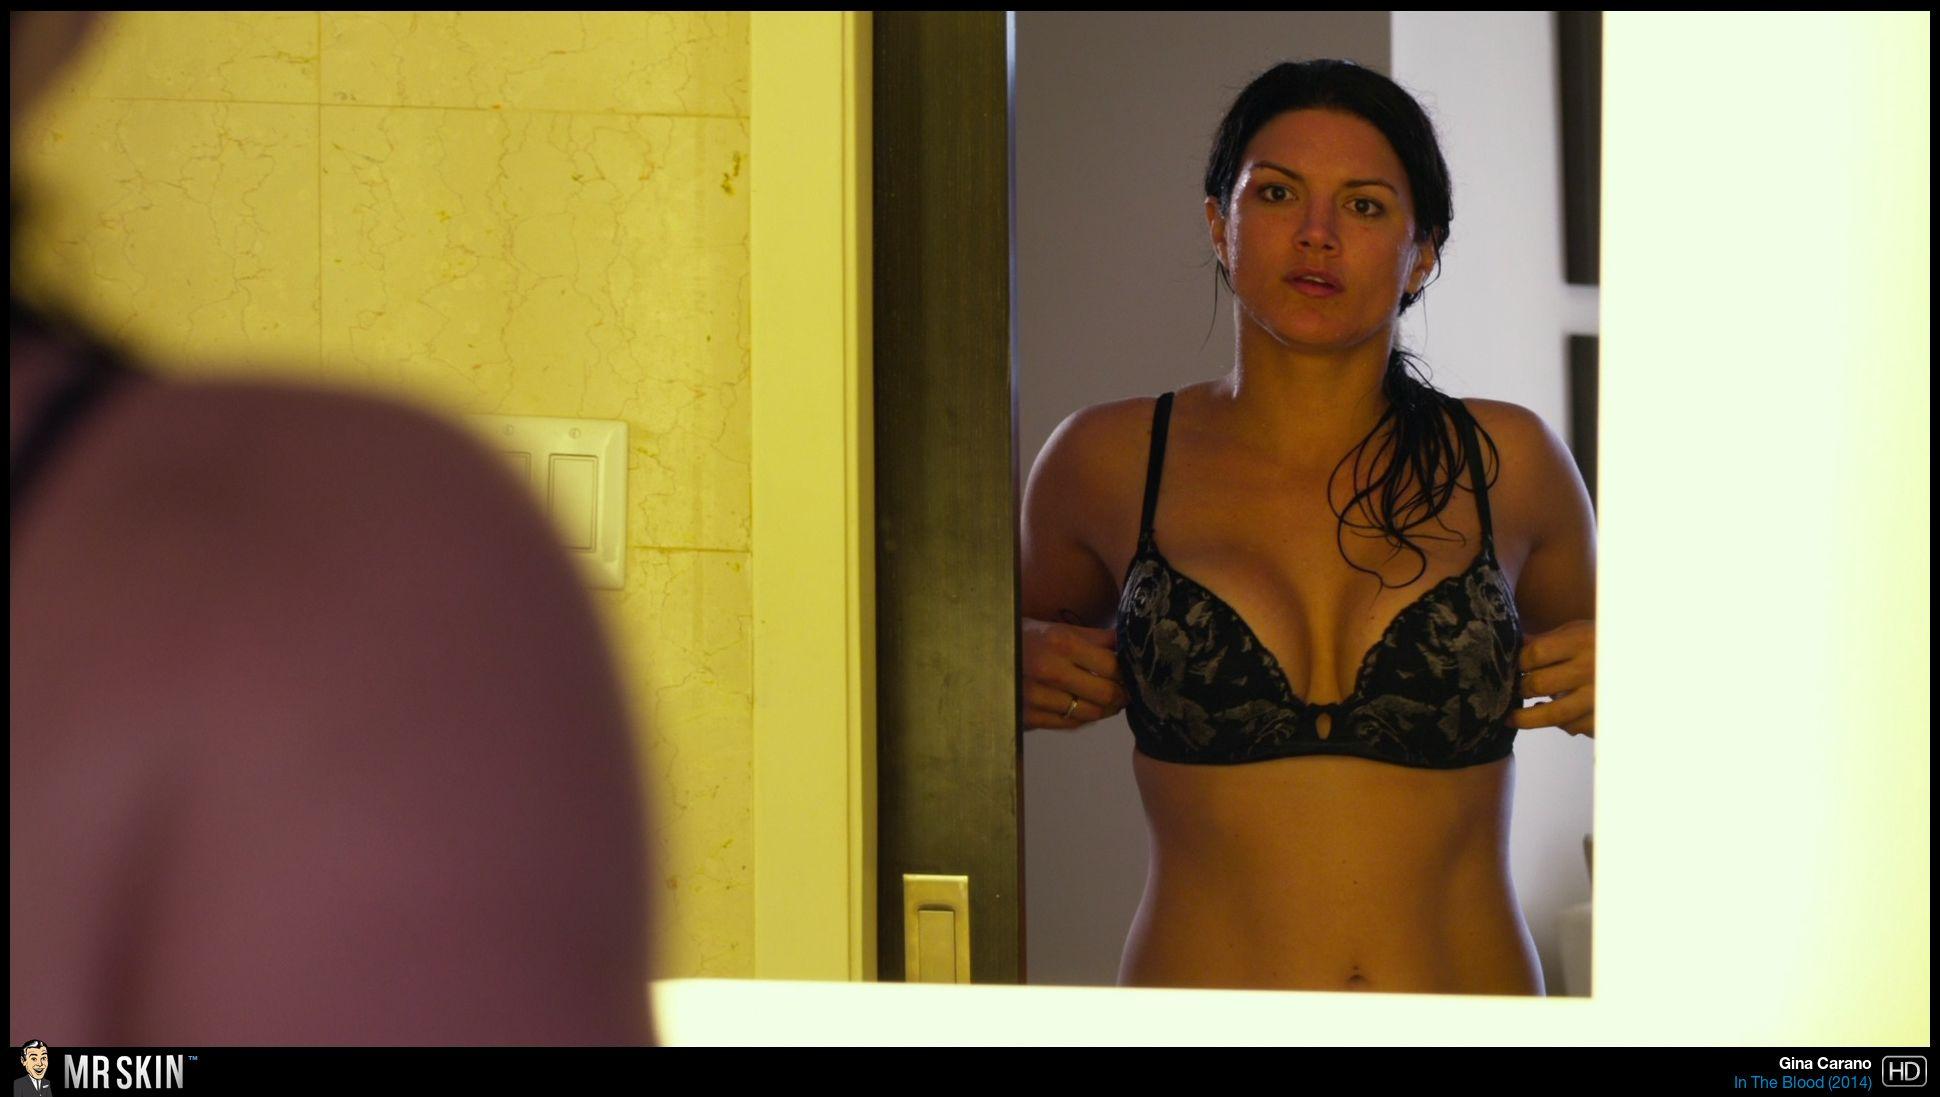 Sheer lingerie tops